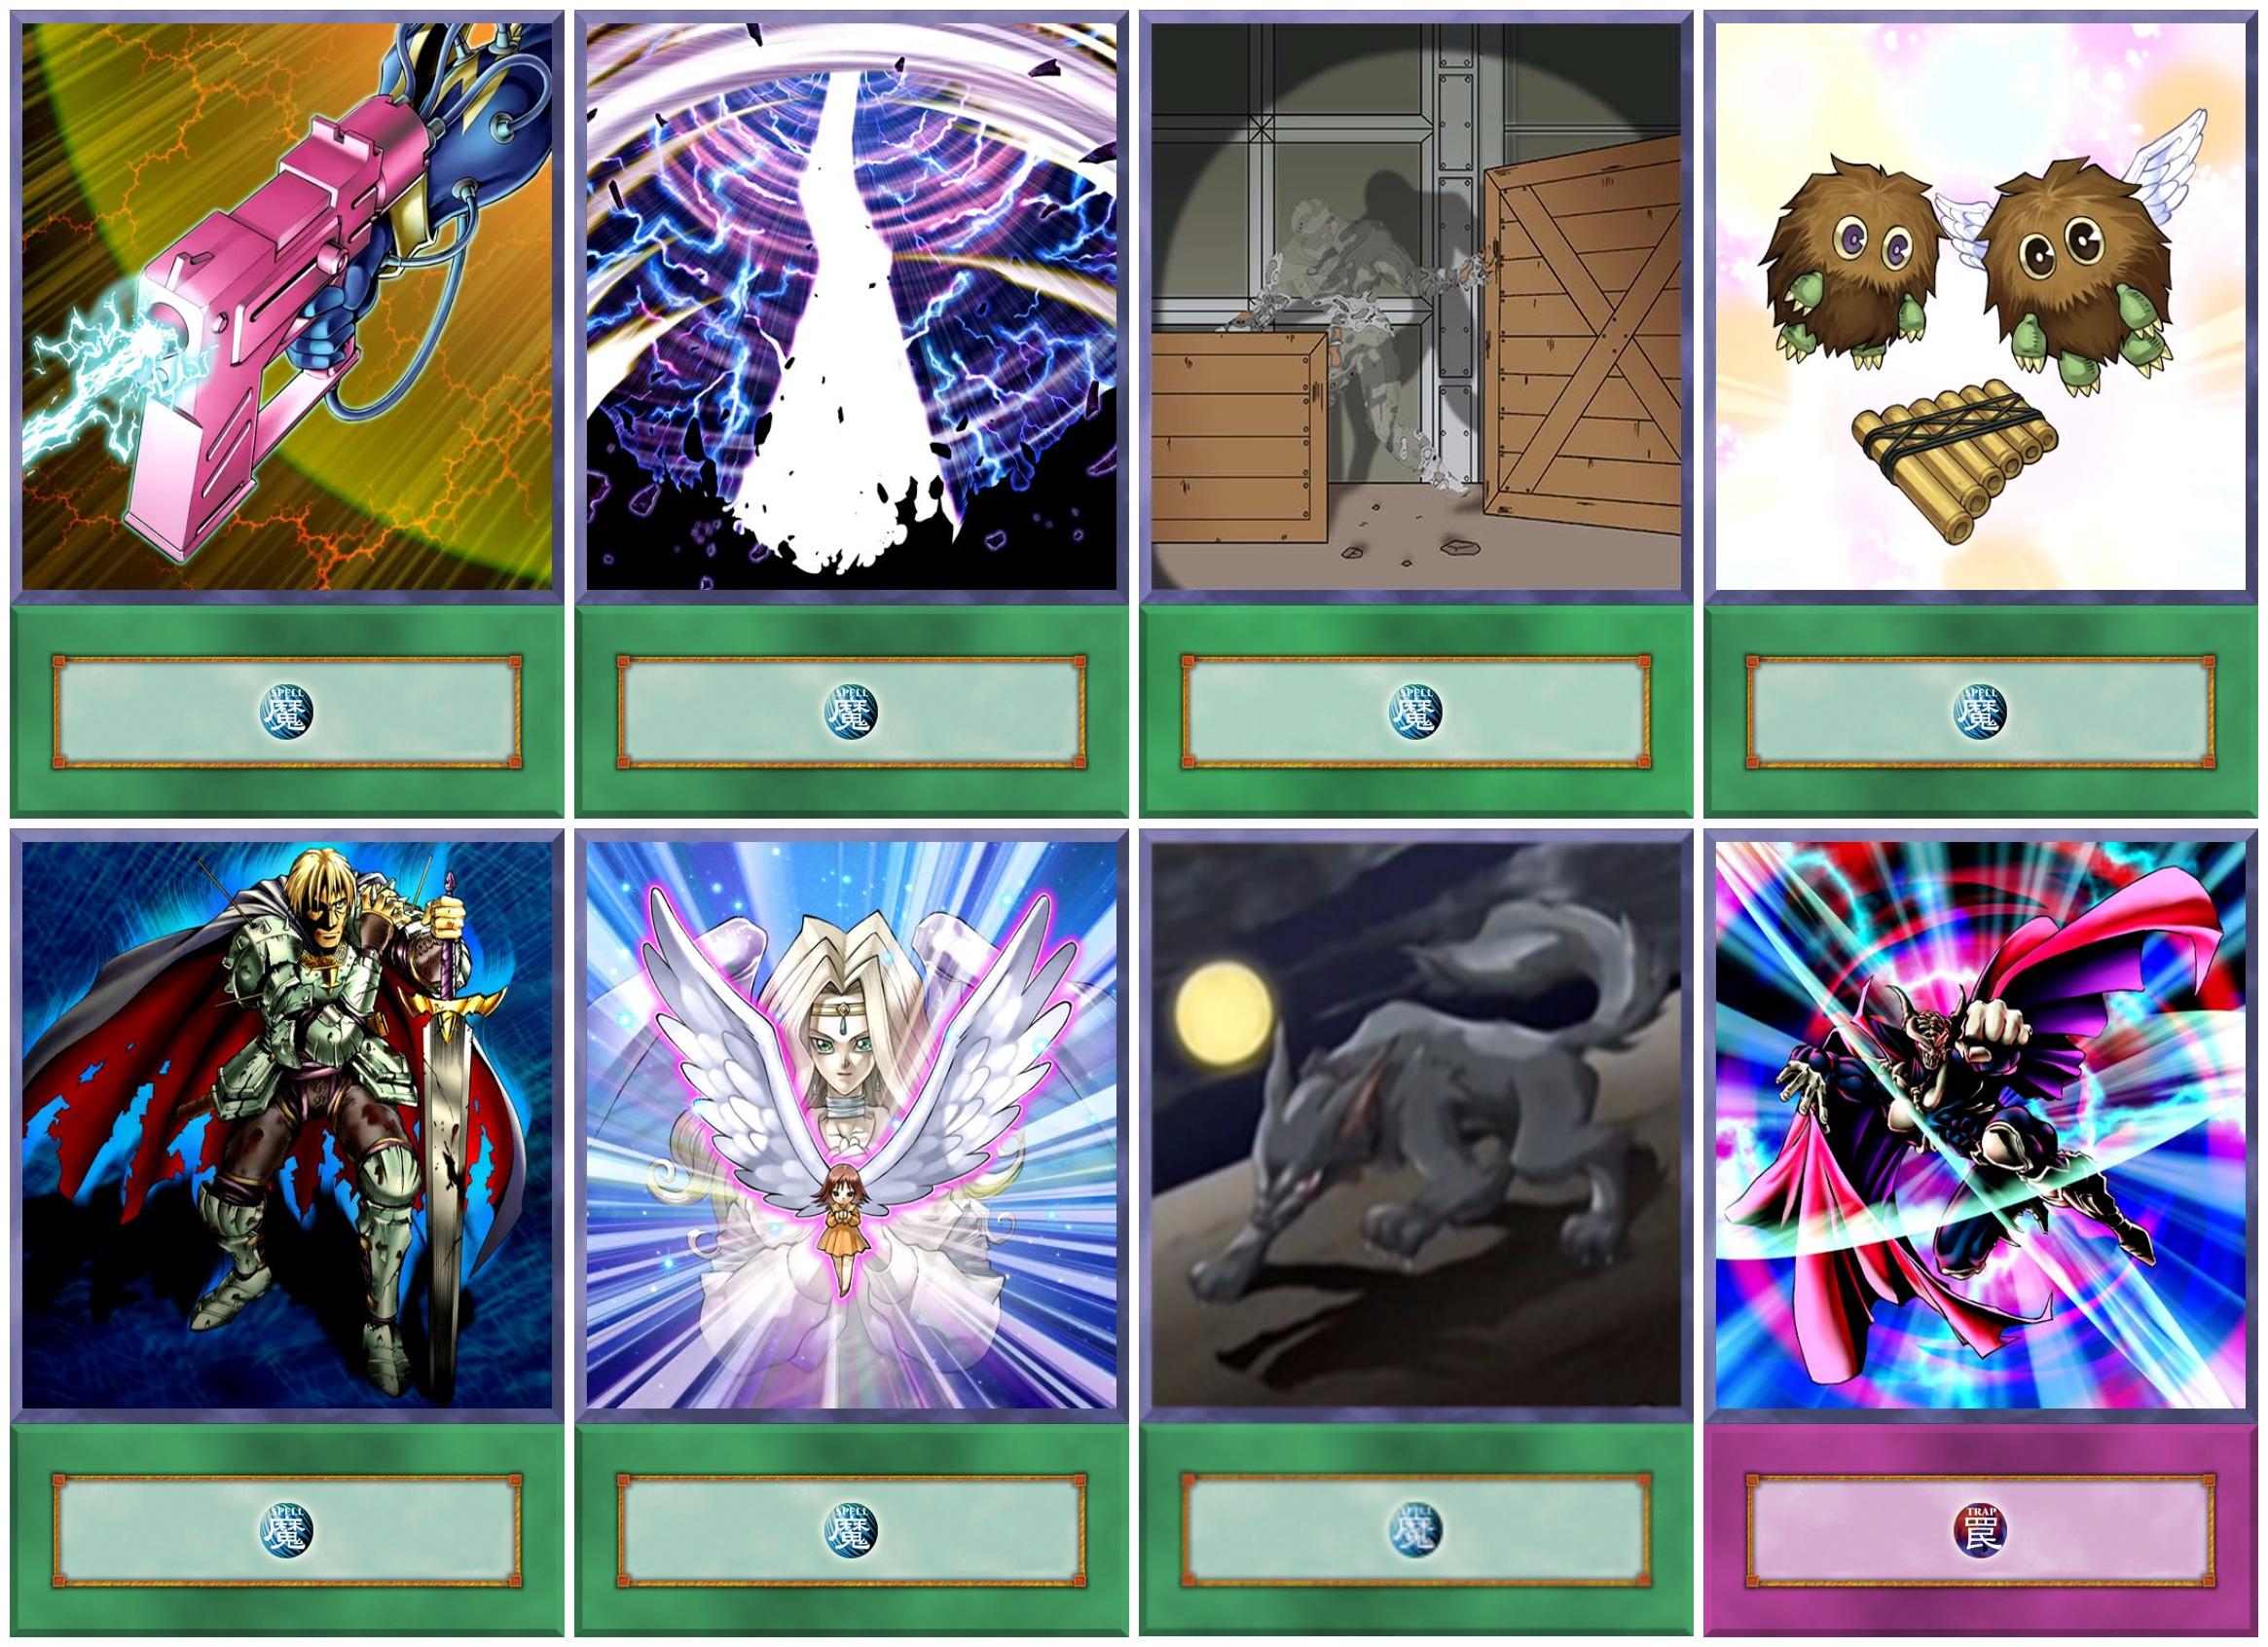 Yugioh Orica Anime Cosplay JADEN YUKI Deck of 88 cards Custom Backing eBay